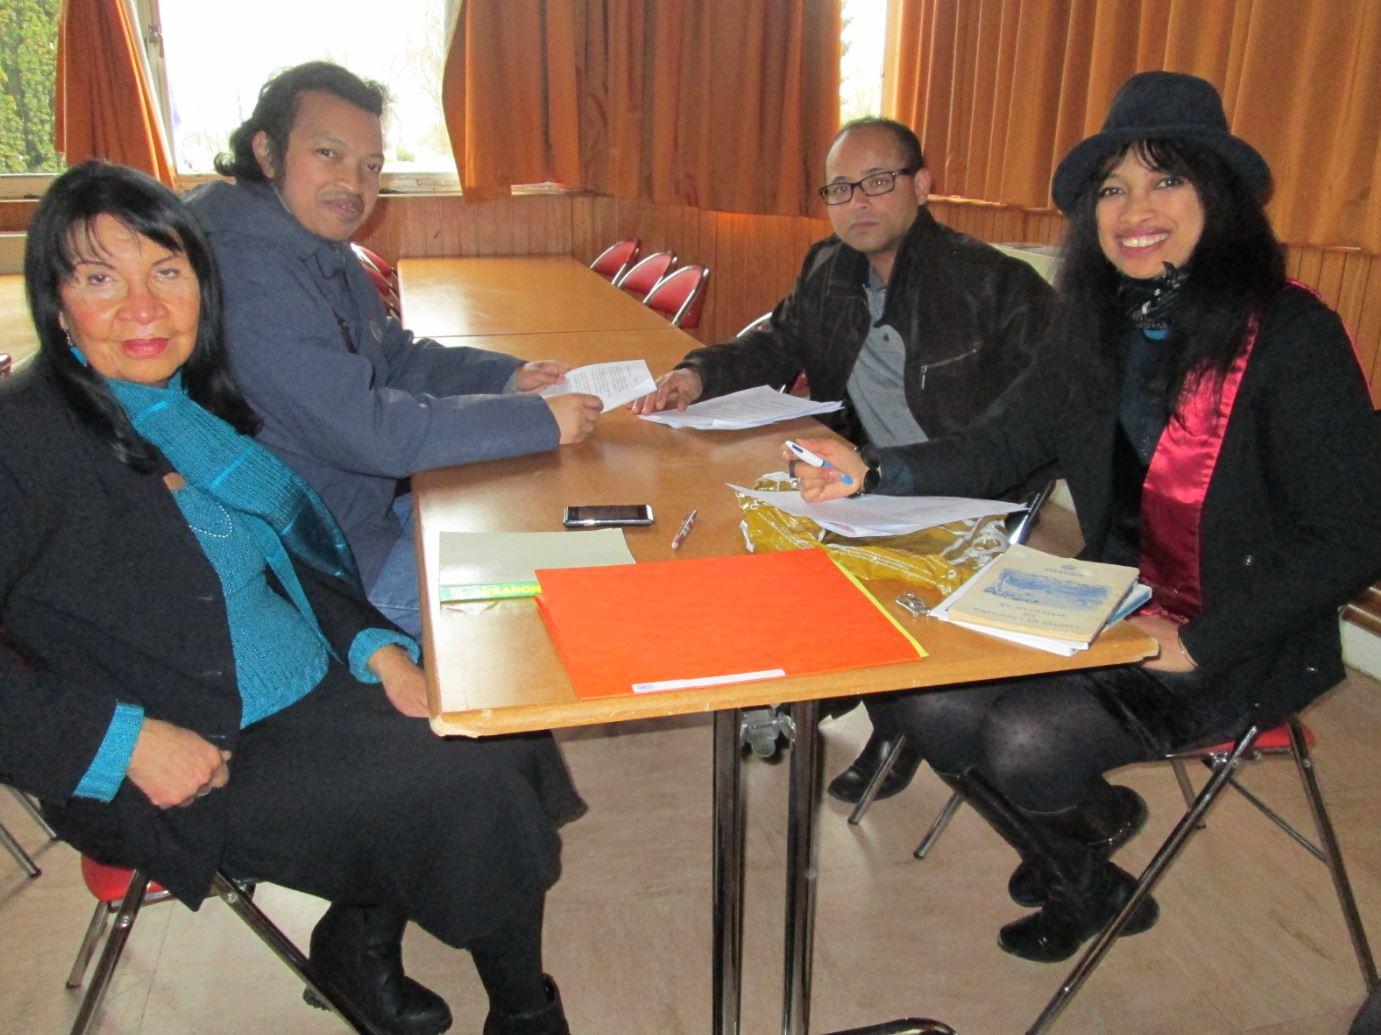 tongasoa site de rencontre rencontrer des femmes a marrakech